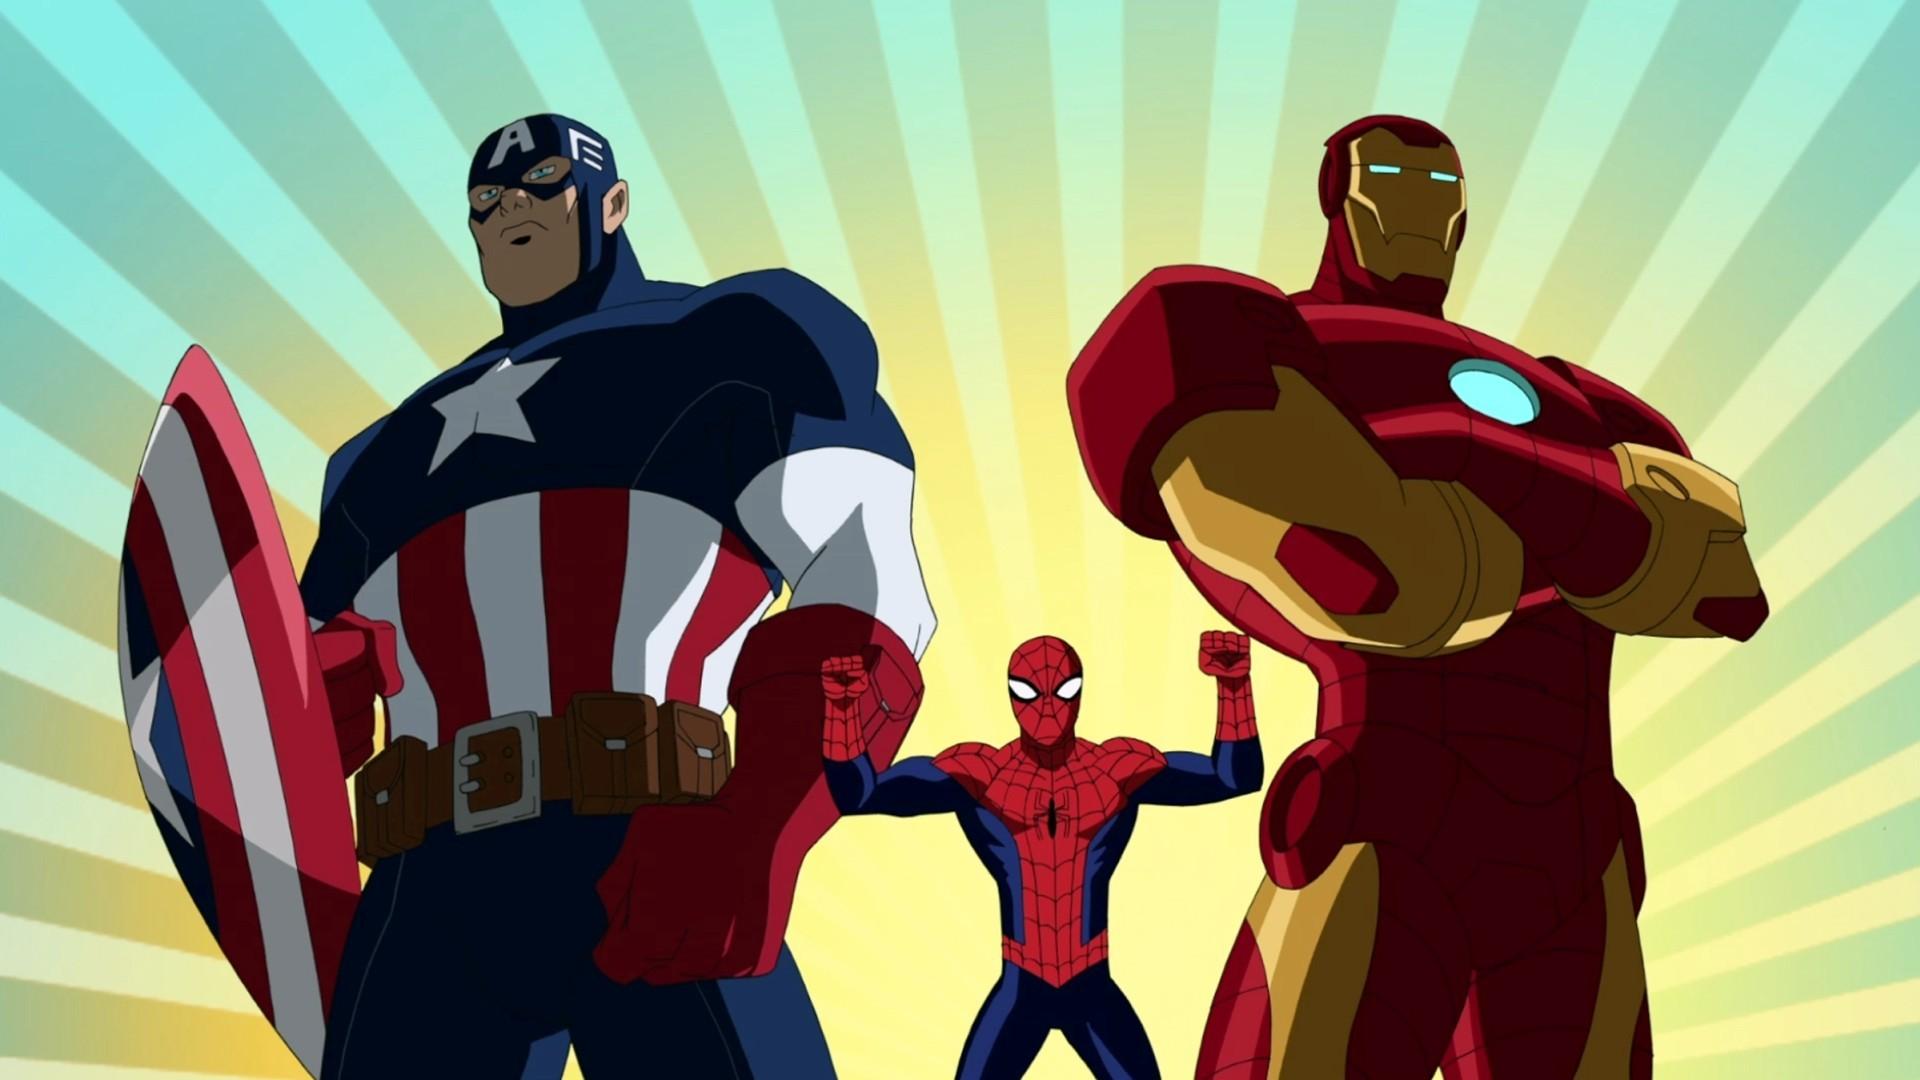 Sfondi illustrazione cartone animato supereroe uomo di ferro